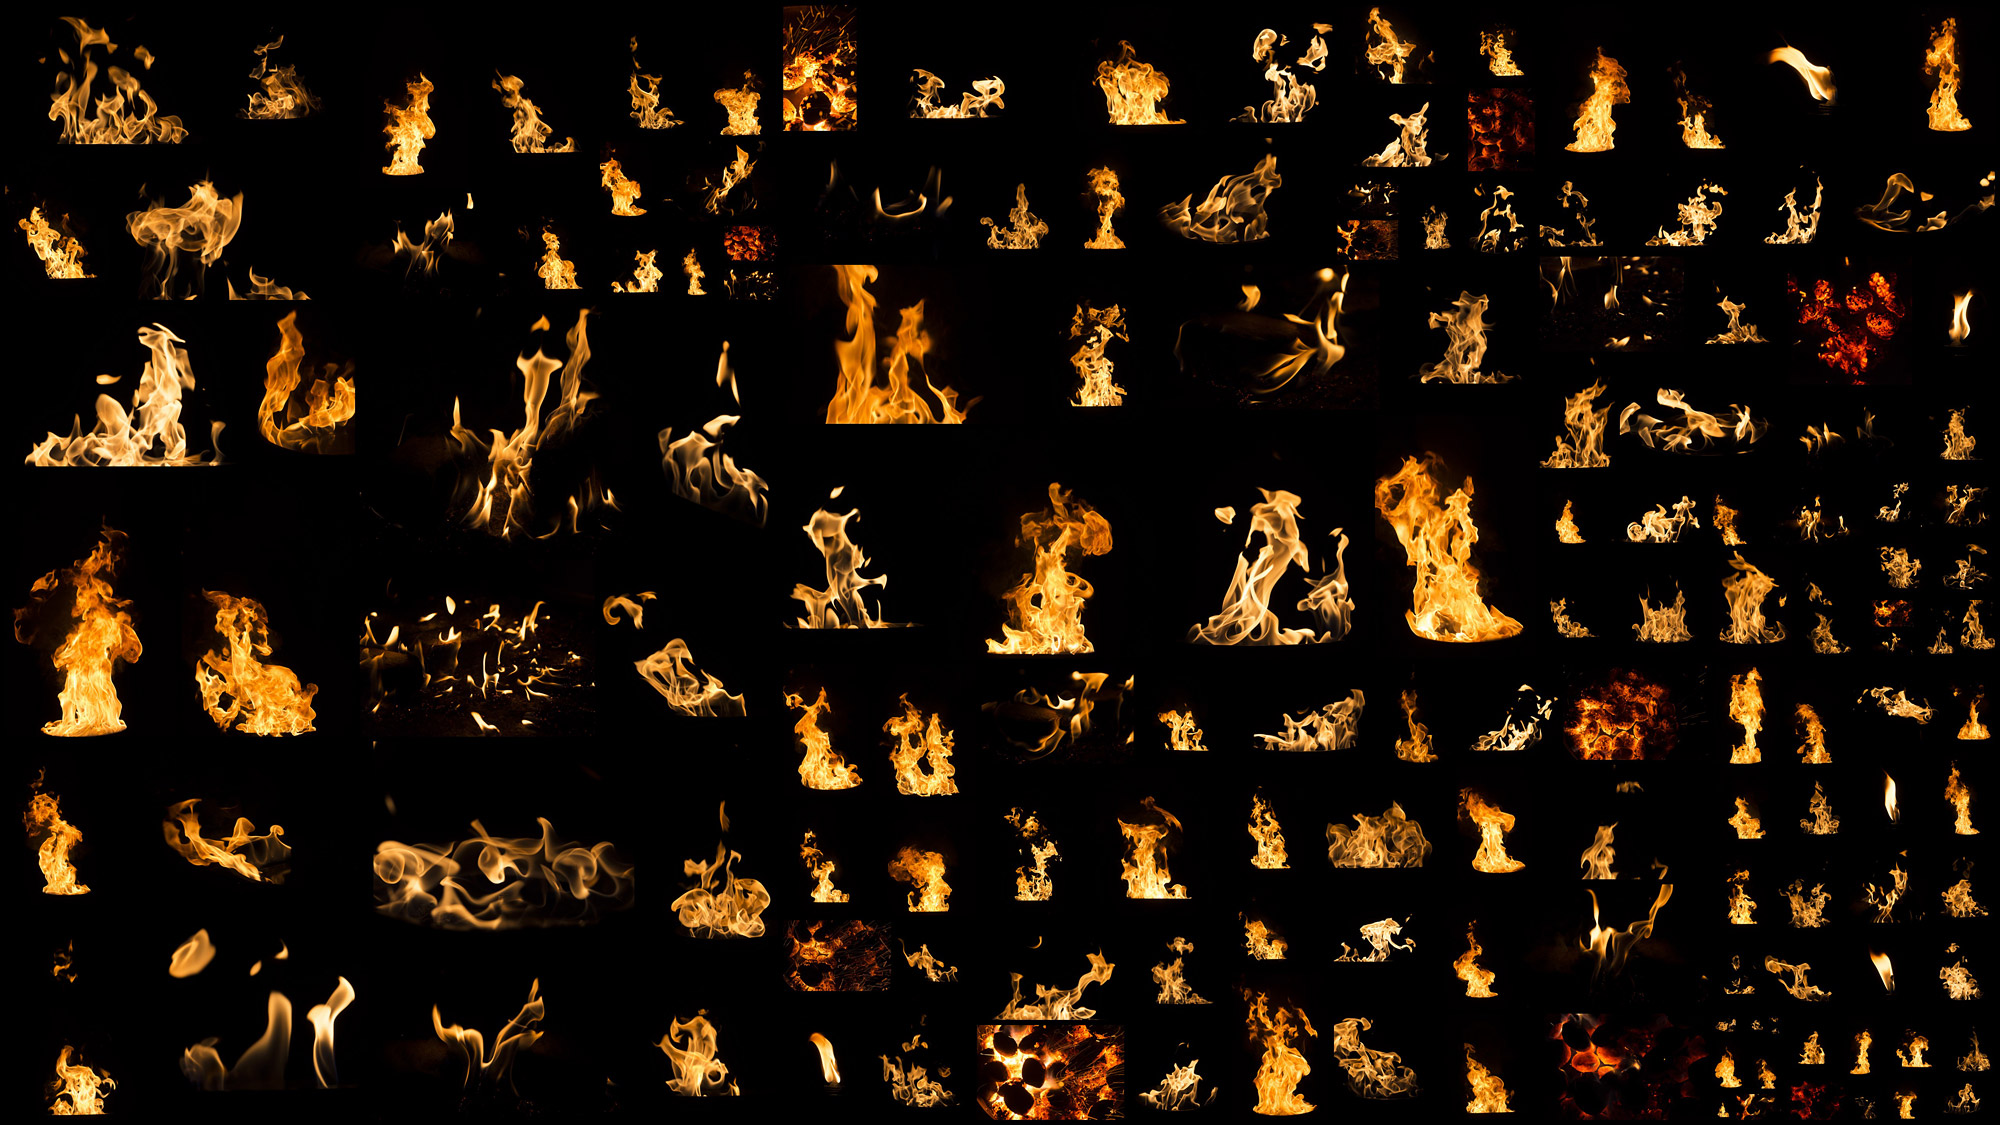 Fire-&-Flames-New.jpg